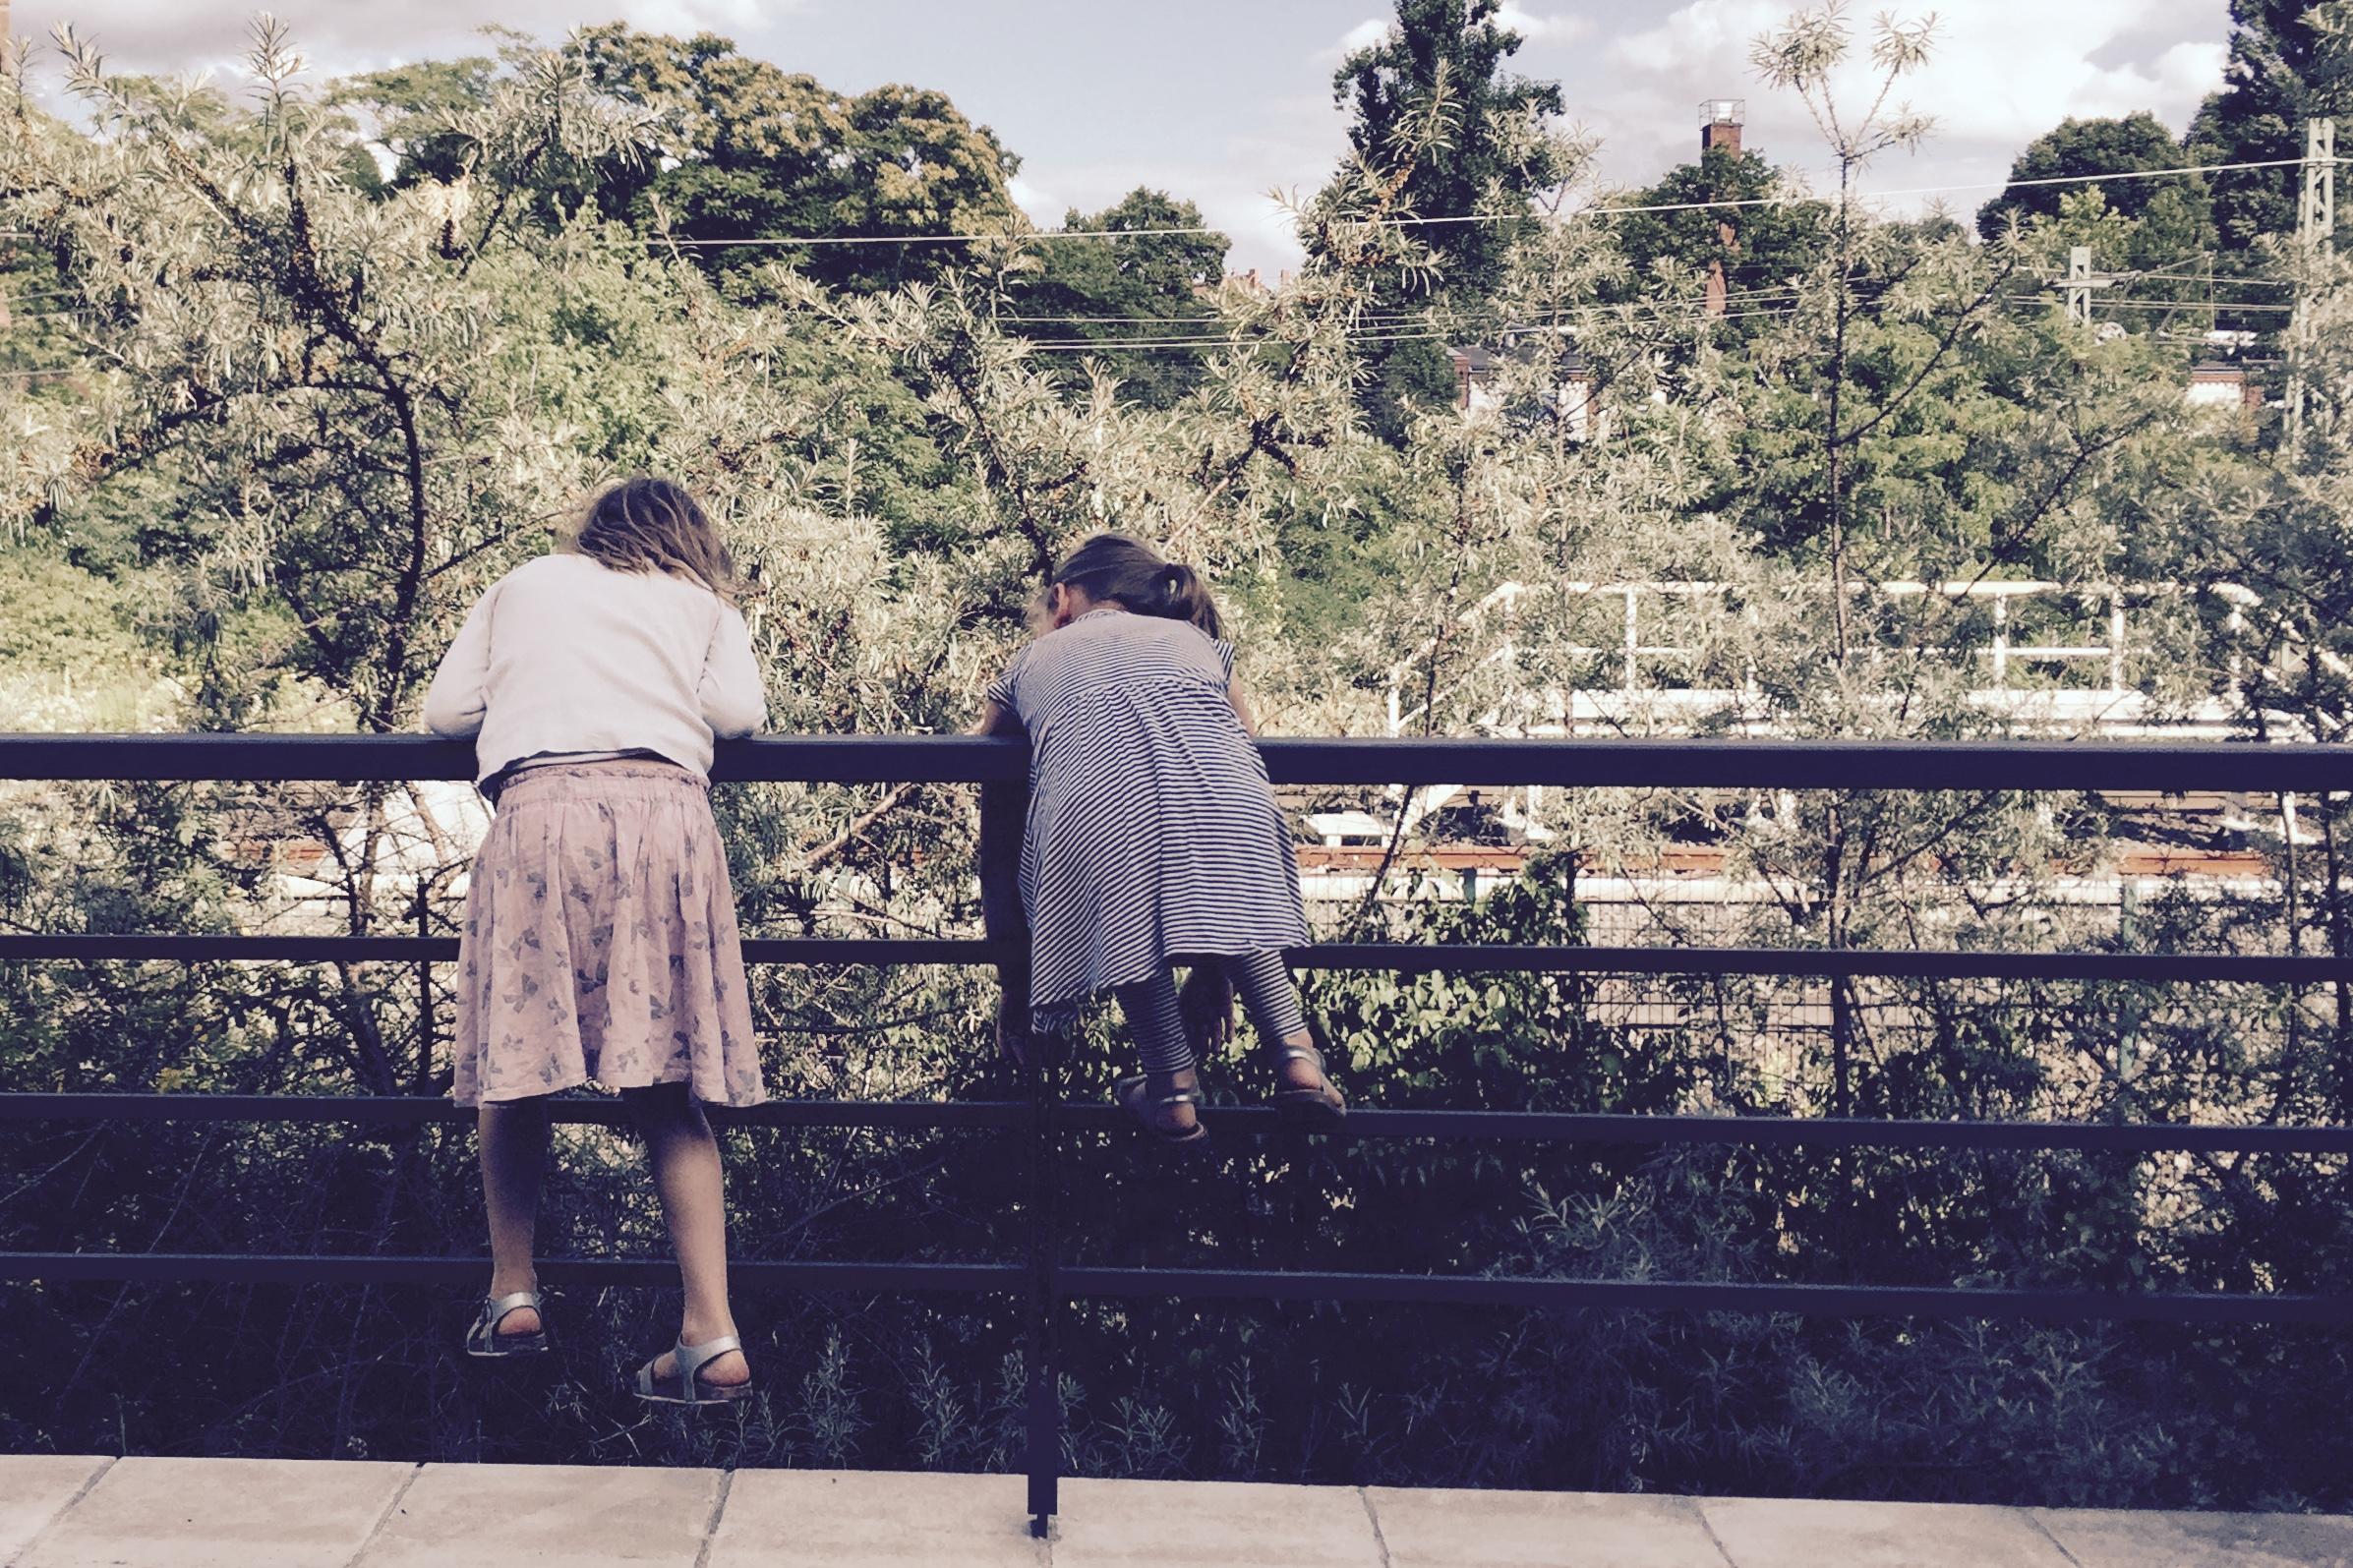 Mädchen beim Spielen auf einem Geländer